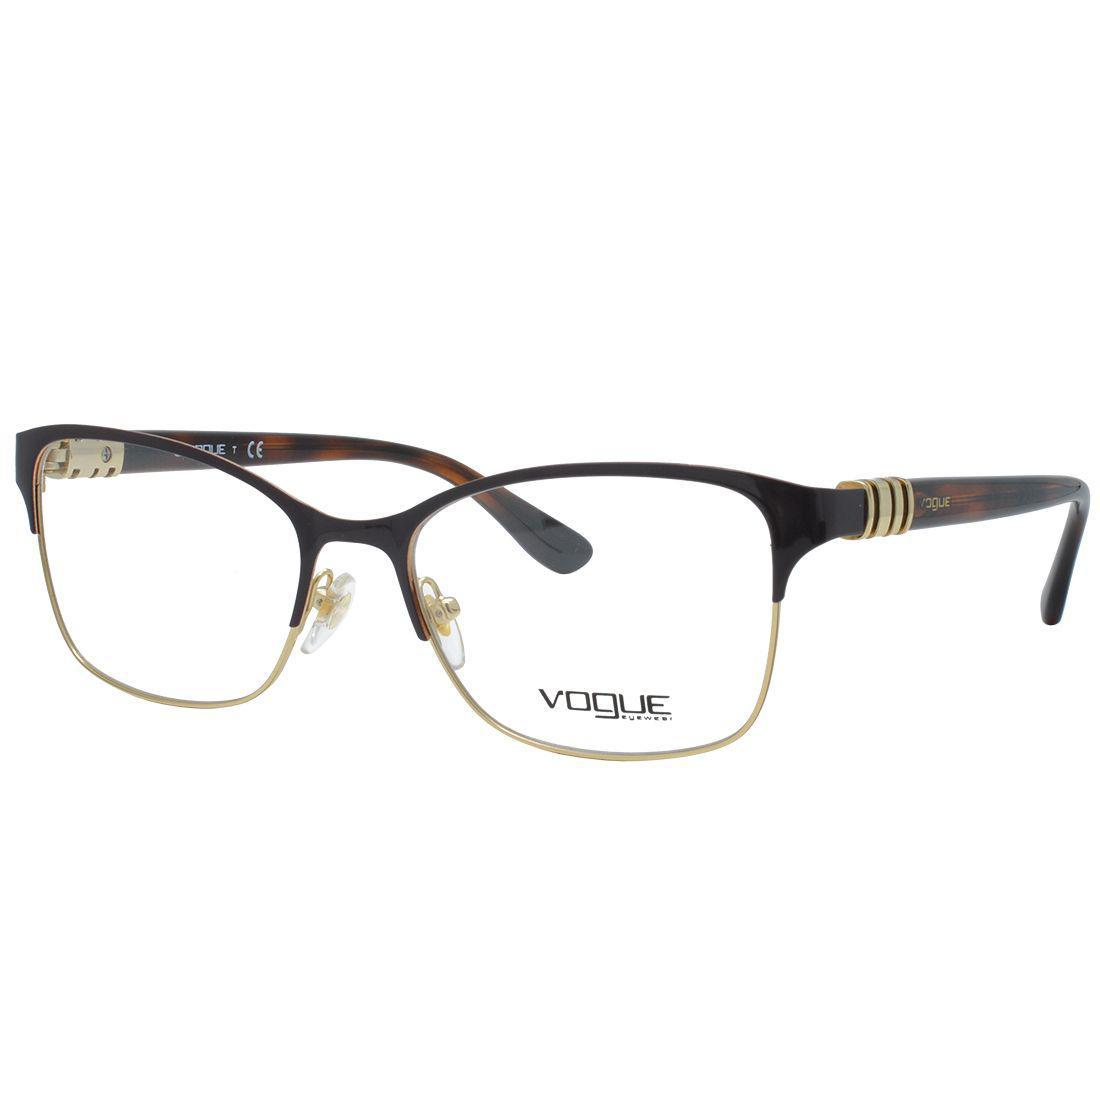 a43571f01 Óculos de Grau Vogue Feminino VO4050 C997 - Metal Dourado e Marrom e Haste  Acetato Marrom R$ 455,00 à vista. Adicionar à sacola